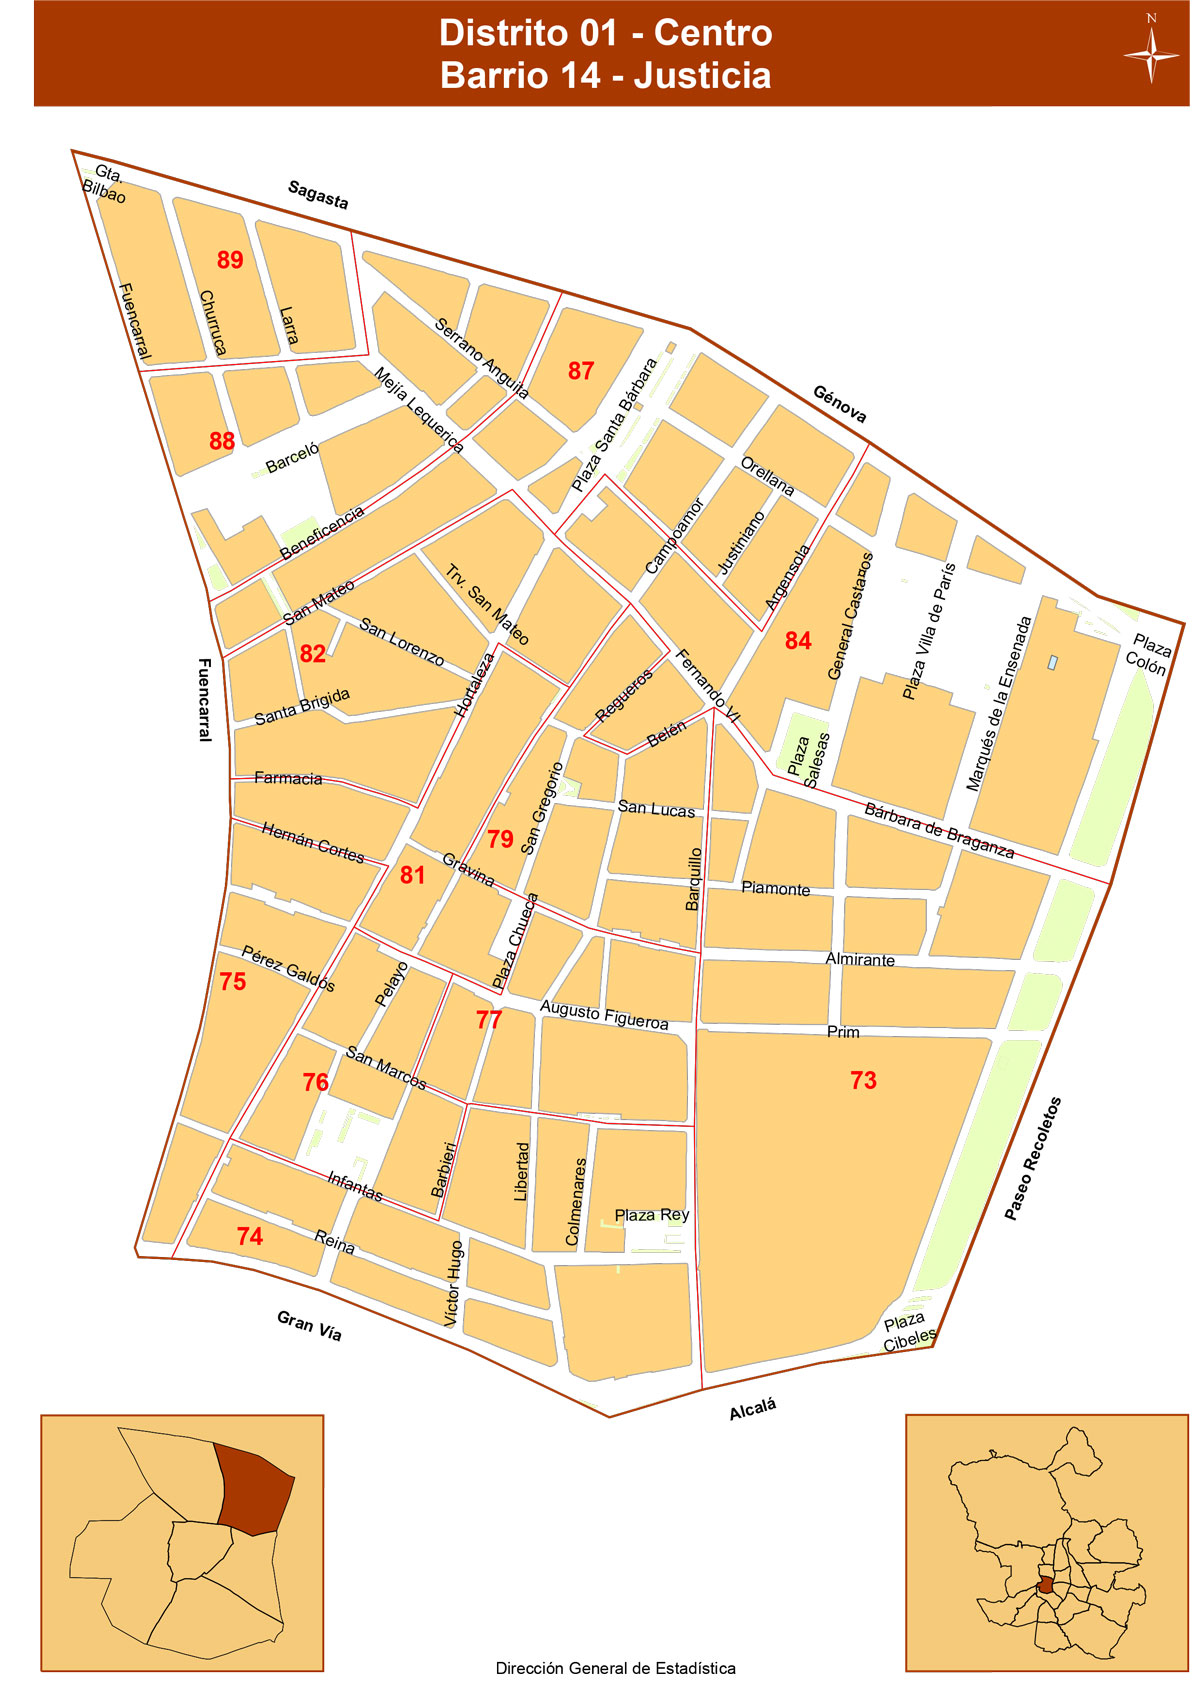 barrio-justicia-distrito-centro-madrid-chueca